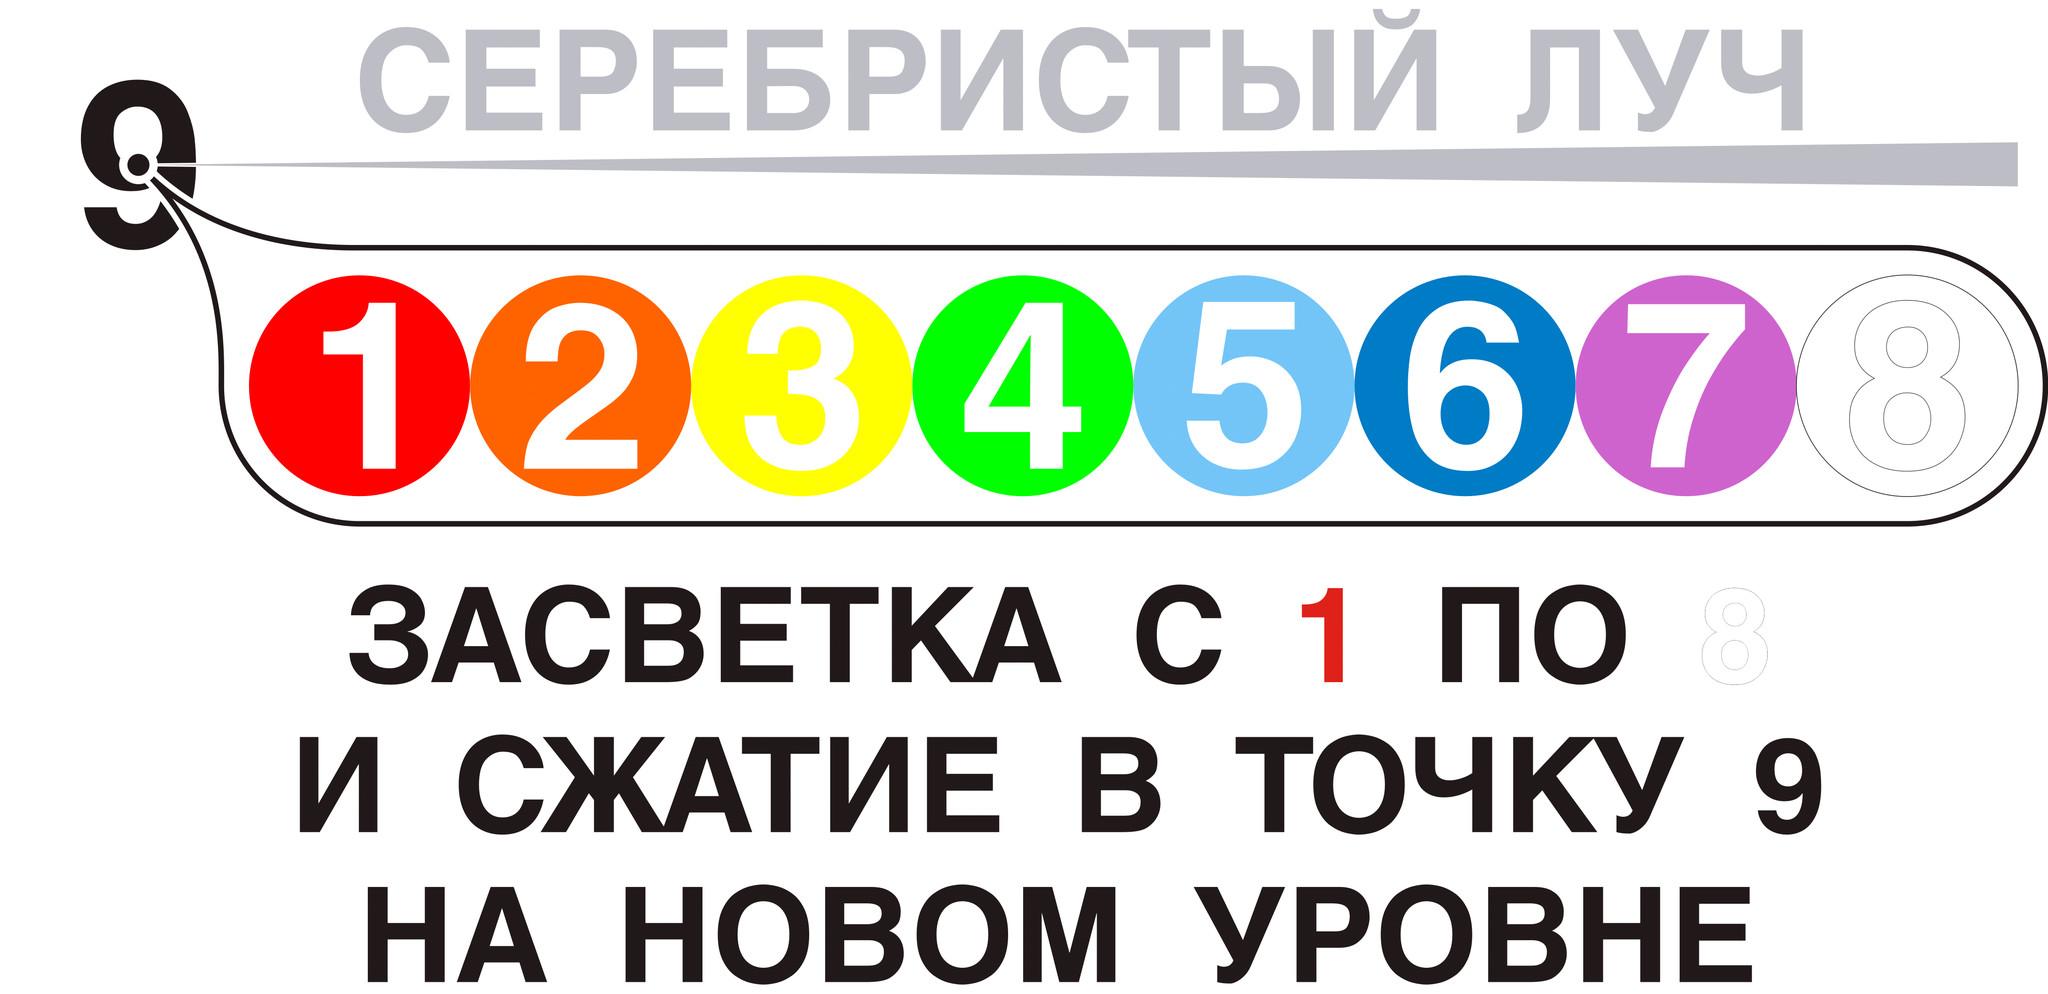 ЗЕМНОЙ ЖРЕЦ - Славянский Ведический Коляды Дар на Лето 7522 и Российский Календарь на 1 год и 4 месяца с 1 сентября 2013 по 31 декабря 2014 года.